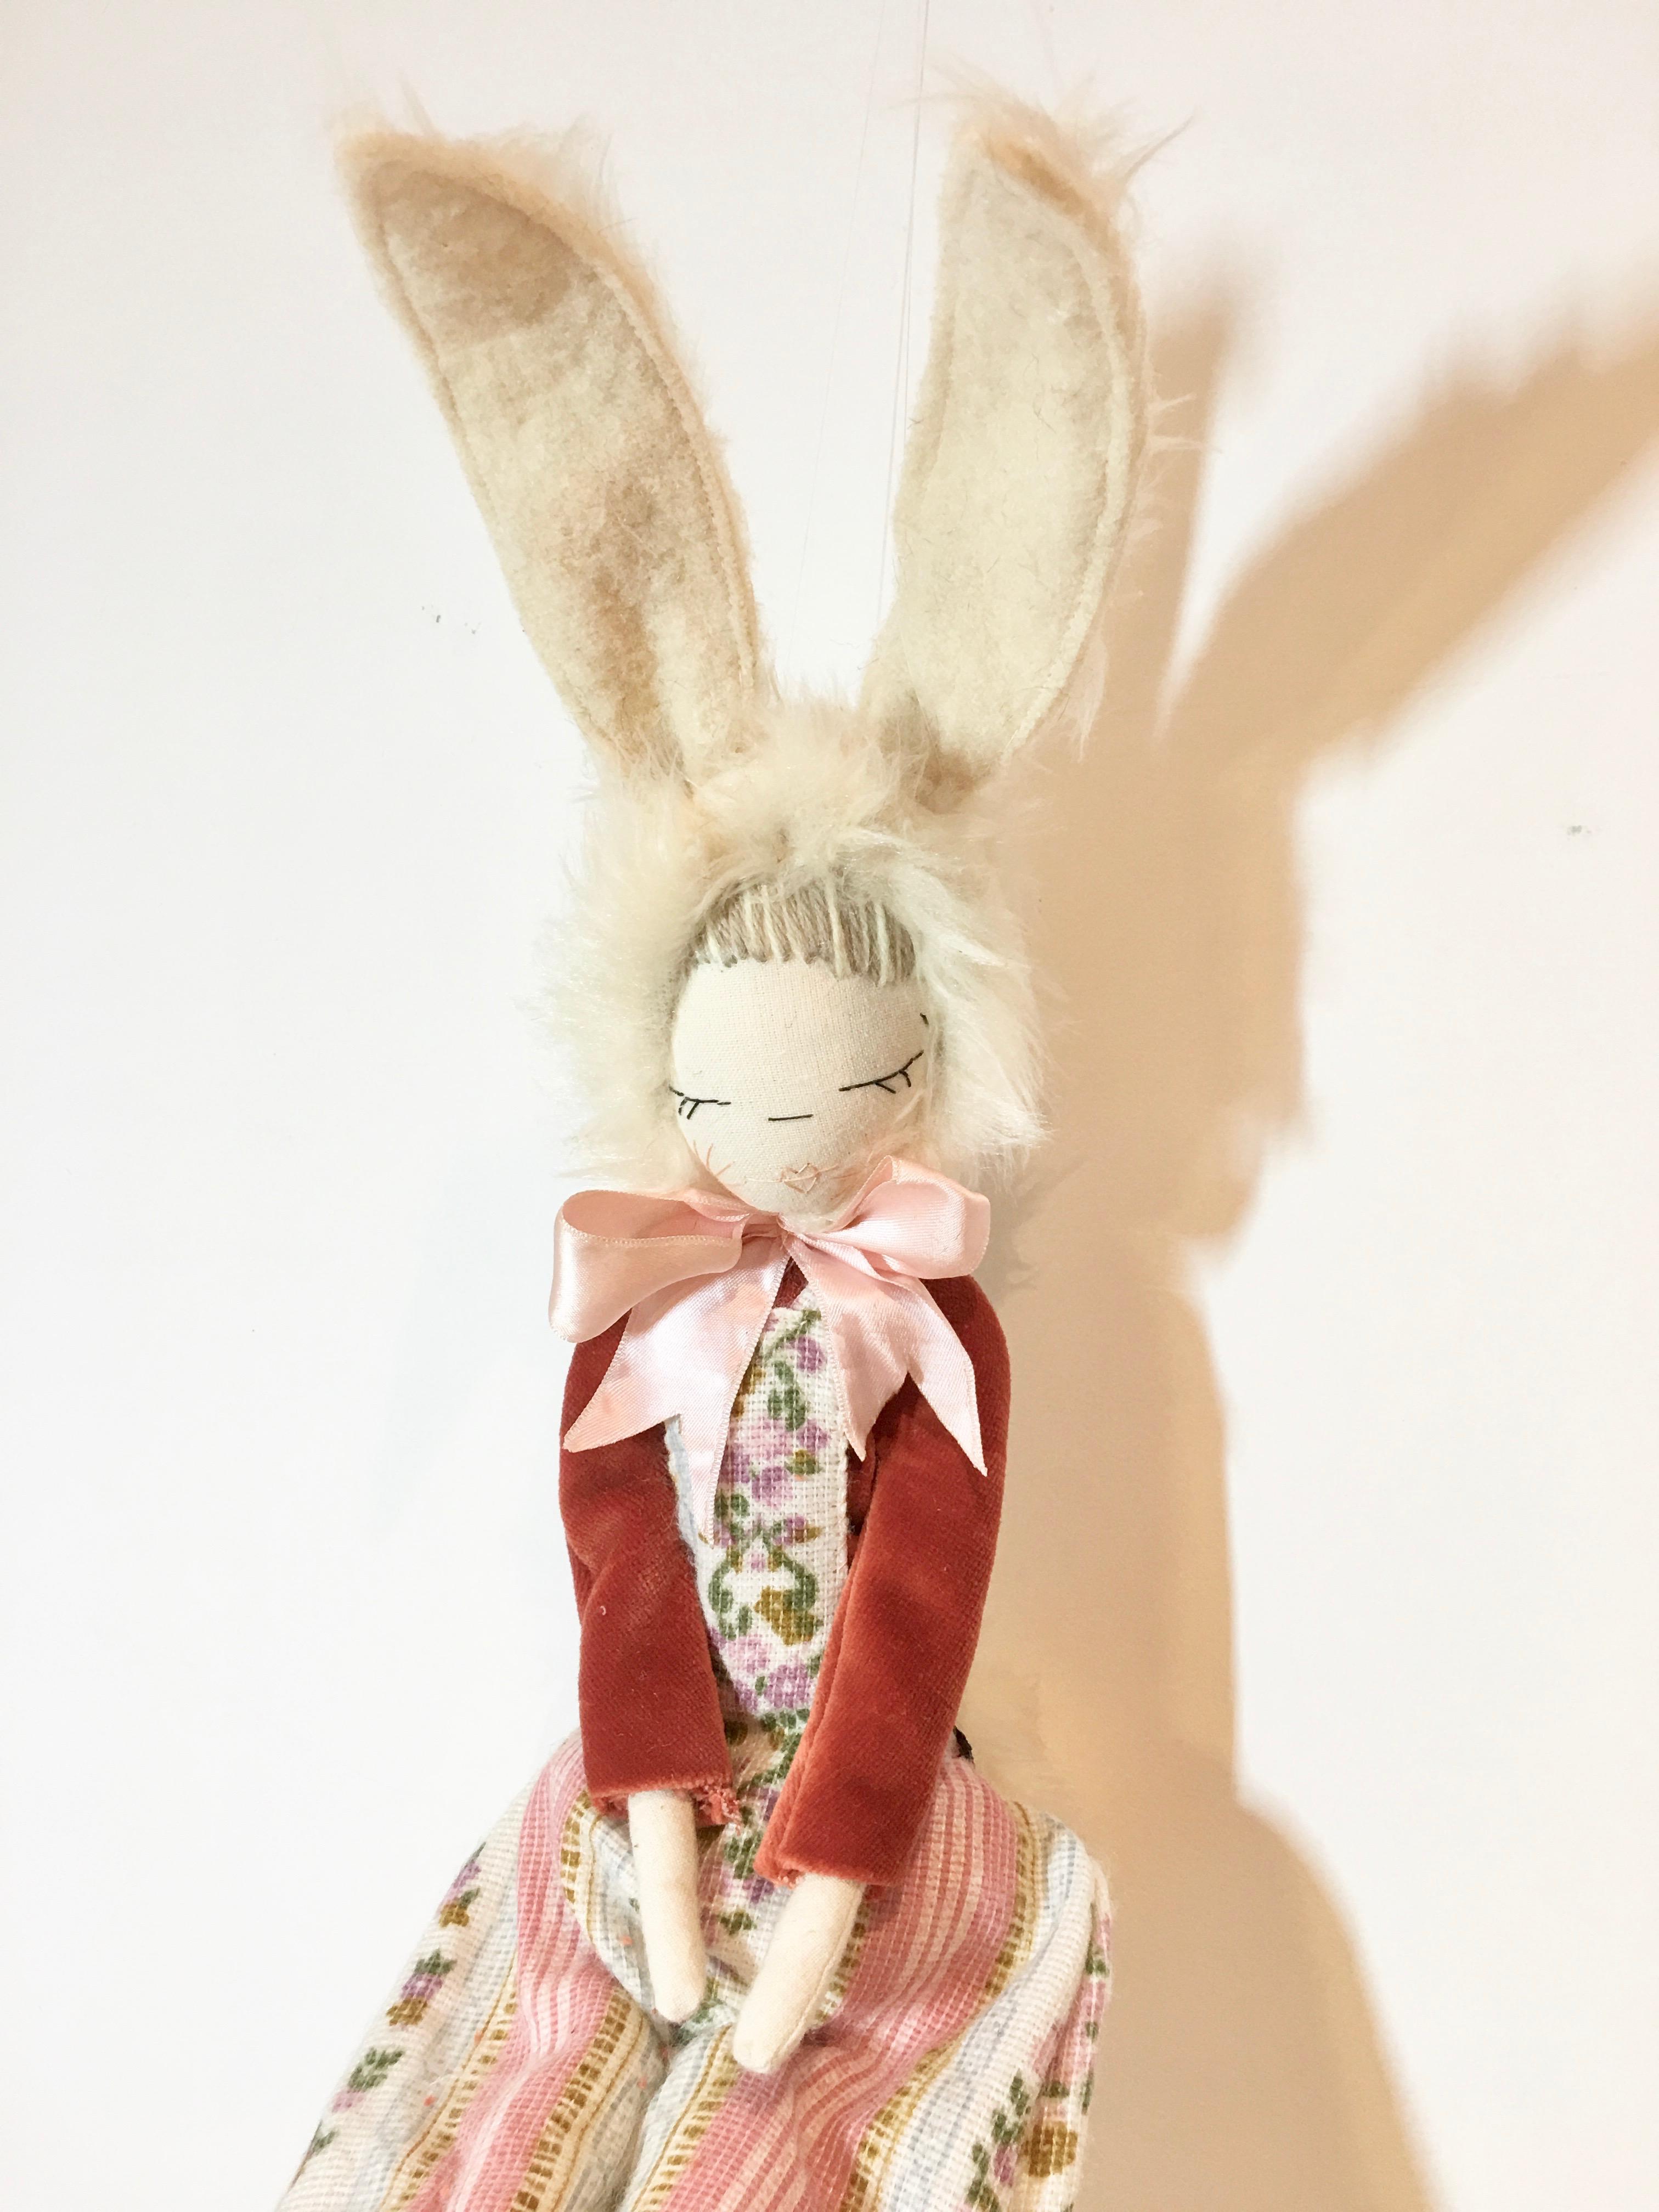 rabbit in rompers